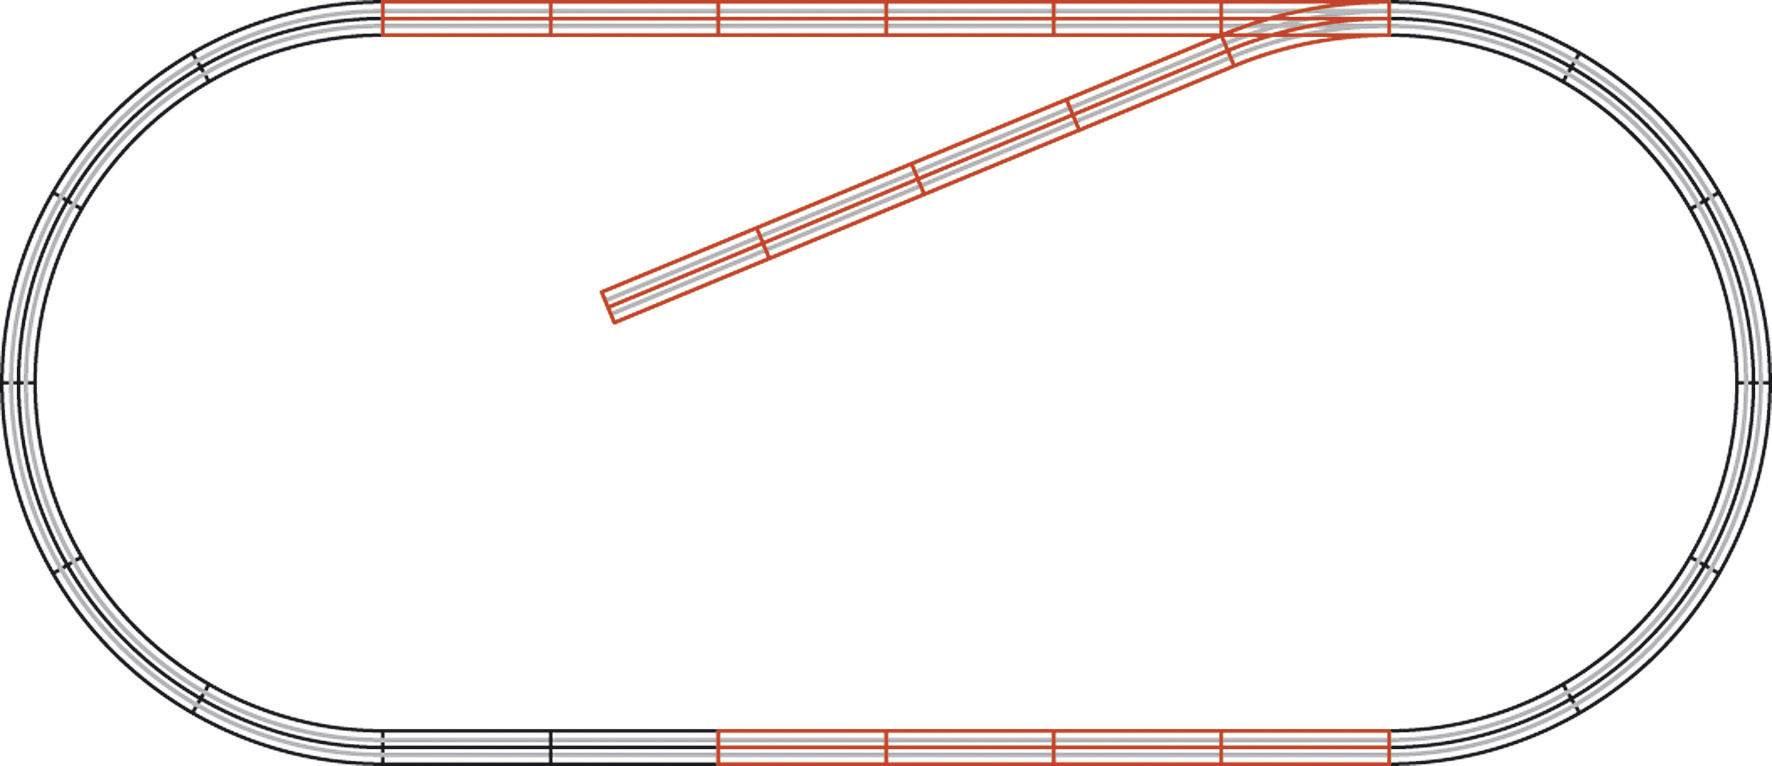 Packung mit 20 St/ück BOJACK T1.6AL250V 5x20 mm 1.6A 250V Langsamer Schlag Glas sicherungen 1.6 Ampere 250 Volt 0,2 x 0,78 Zoll Glasrohr Verz/ögerungs sicherungen